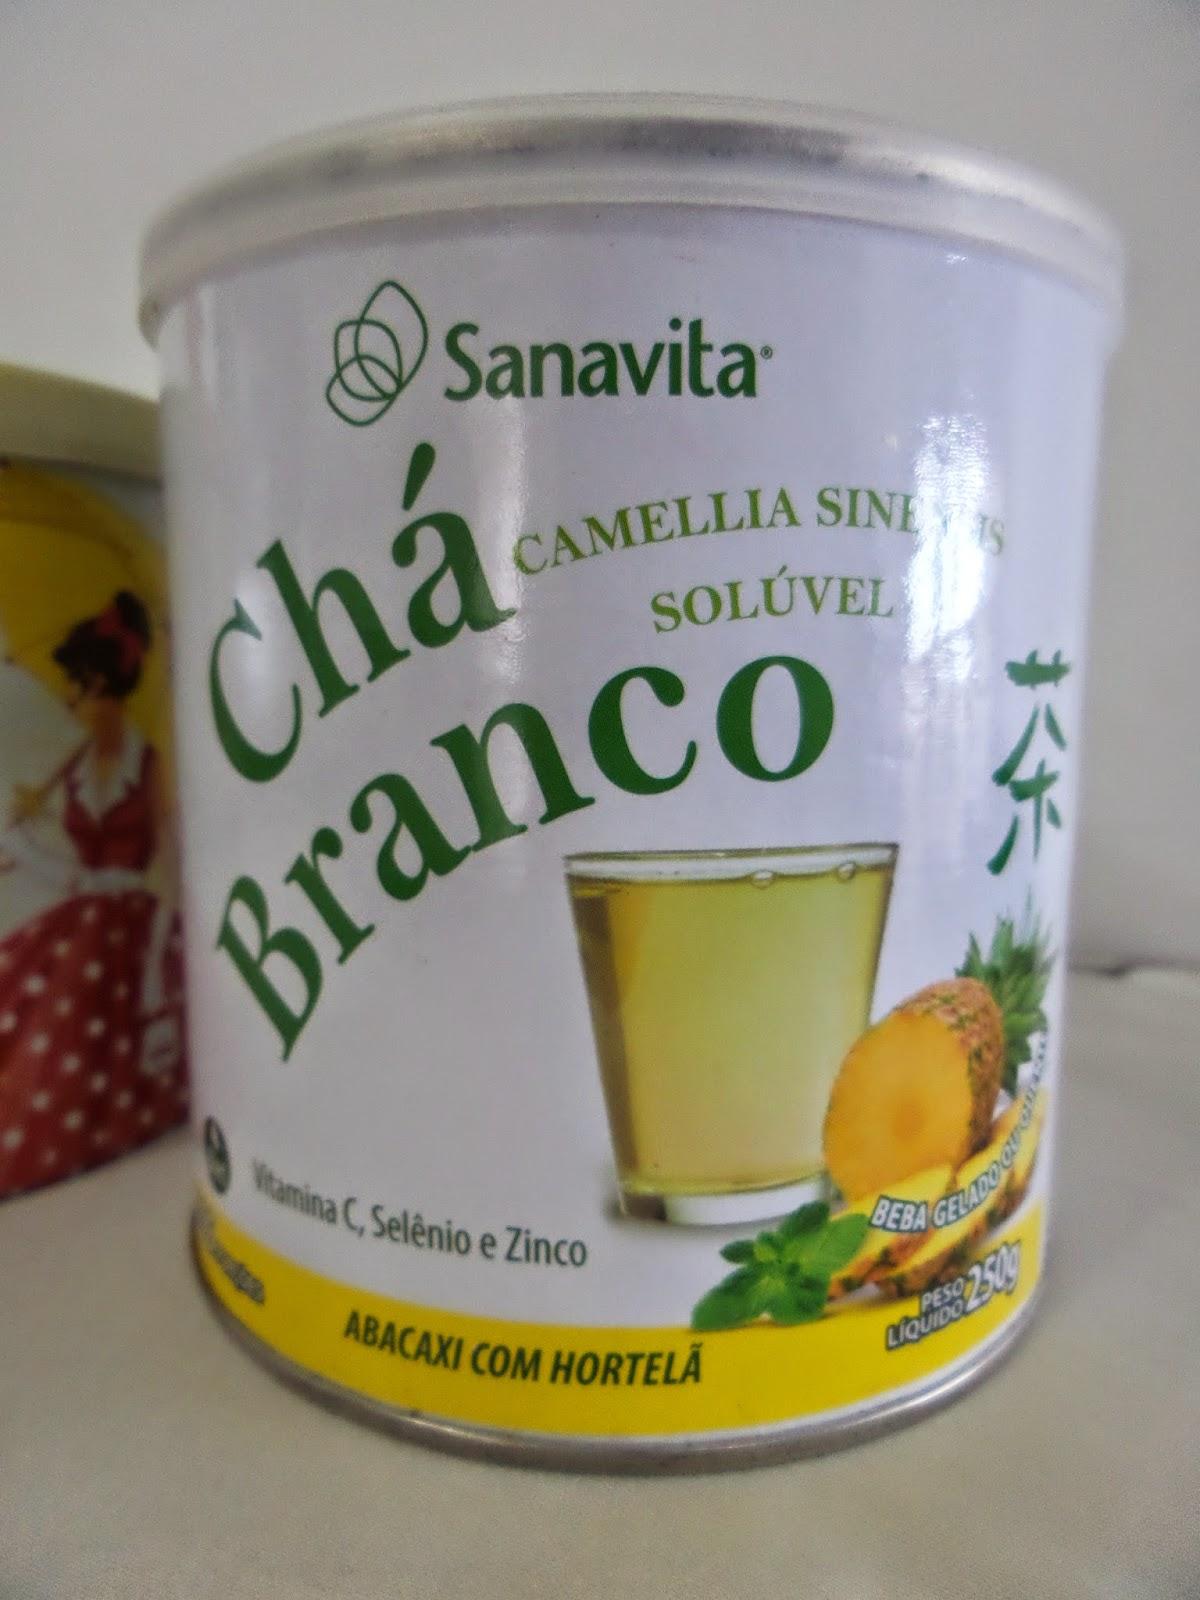 Chá branco  solúvel Sanavita